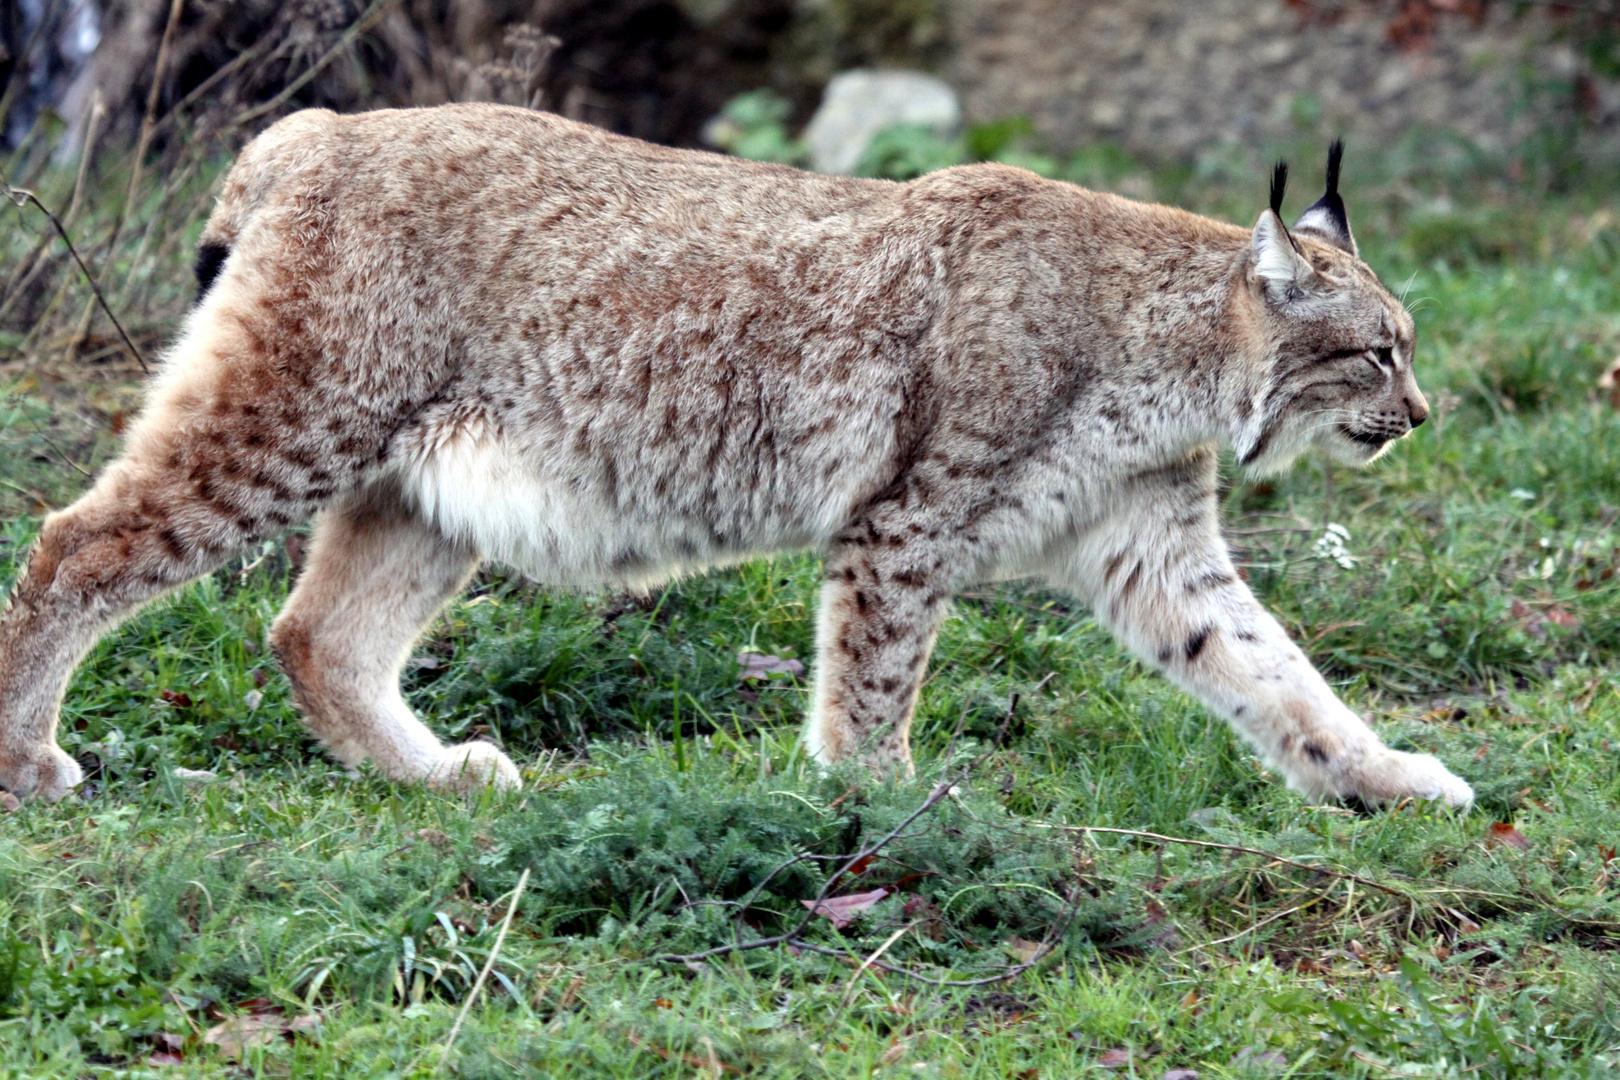 004 Nordluchs (Eurasischer Luchs), Lynx lynx